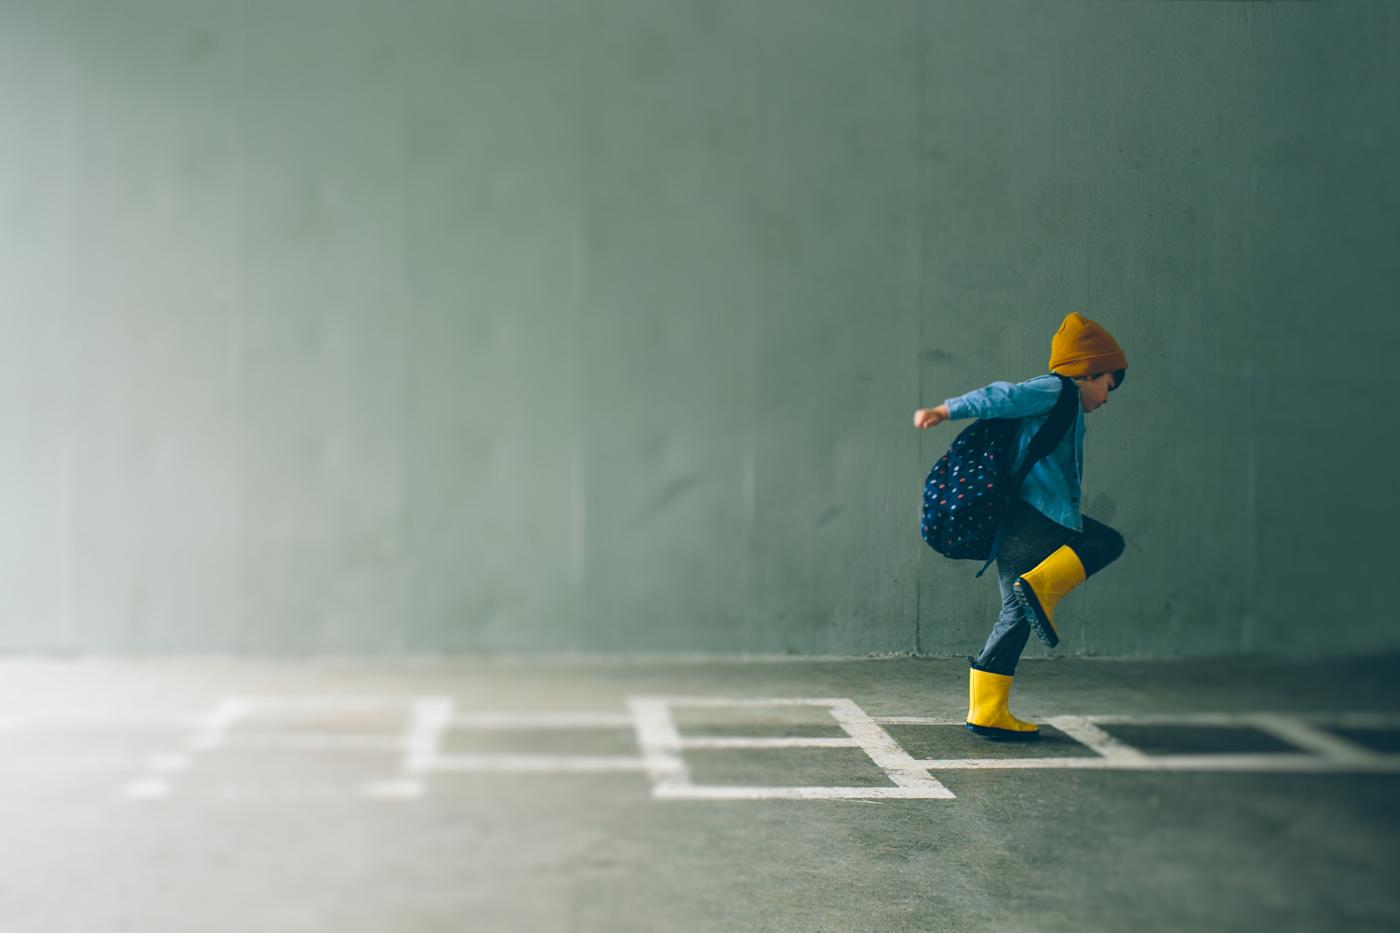 'Hopscotch' by Cassandra Casley